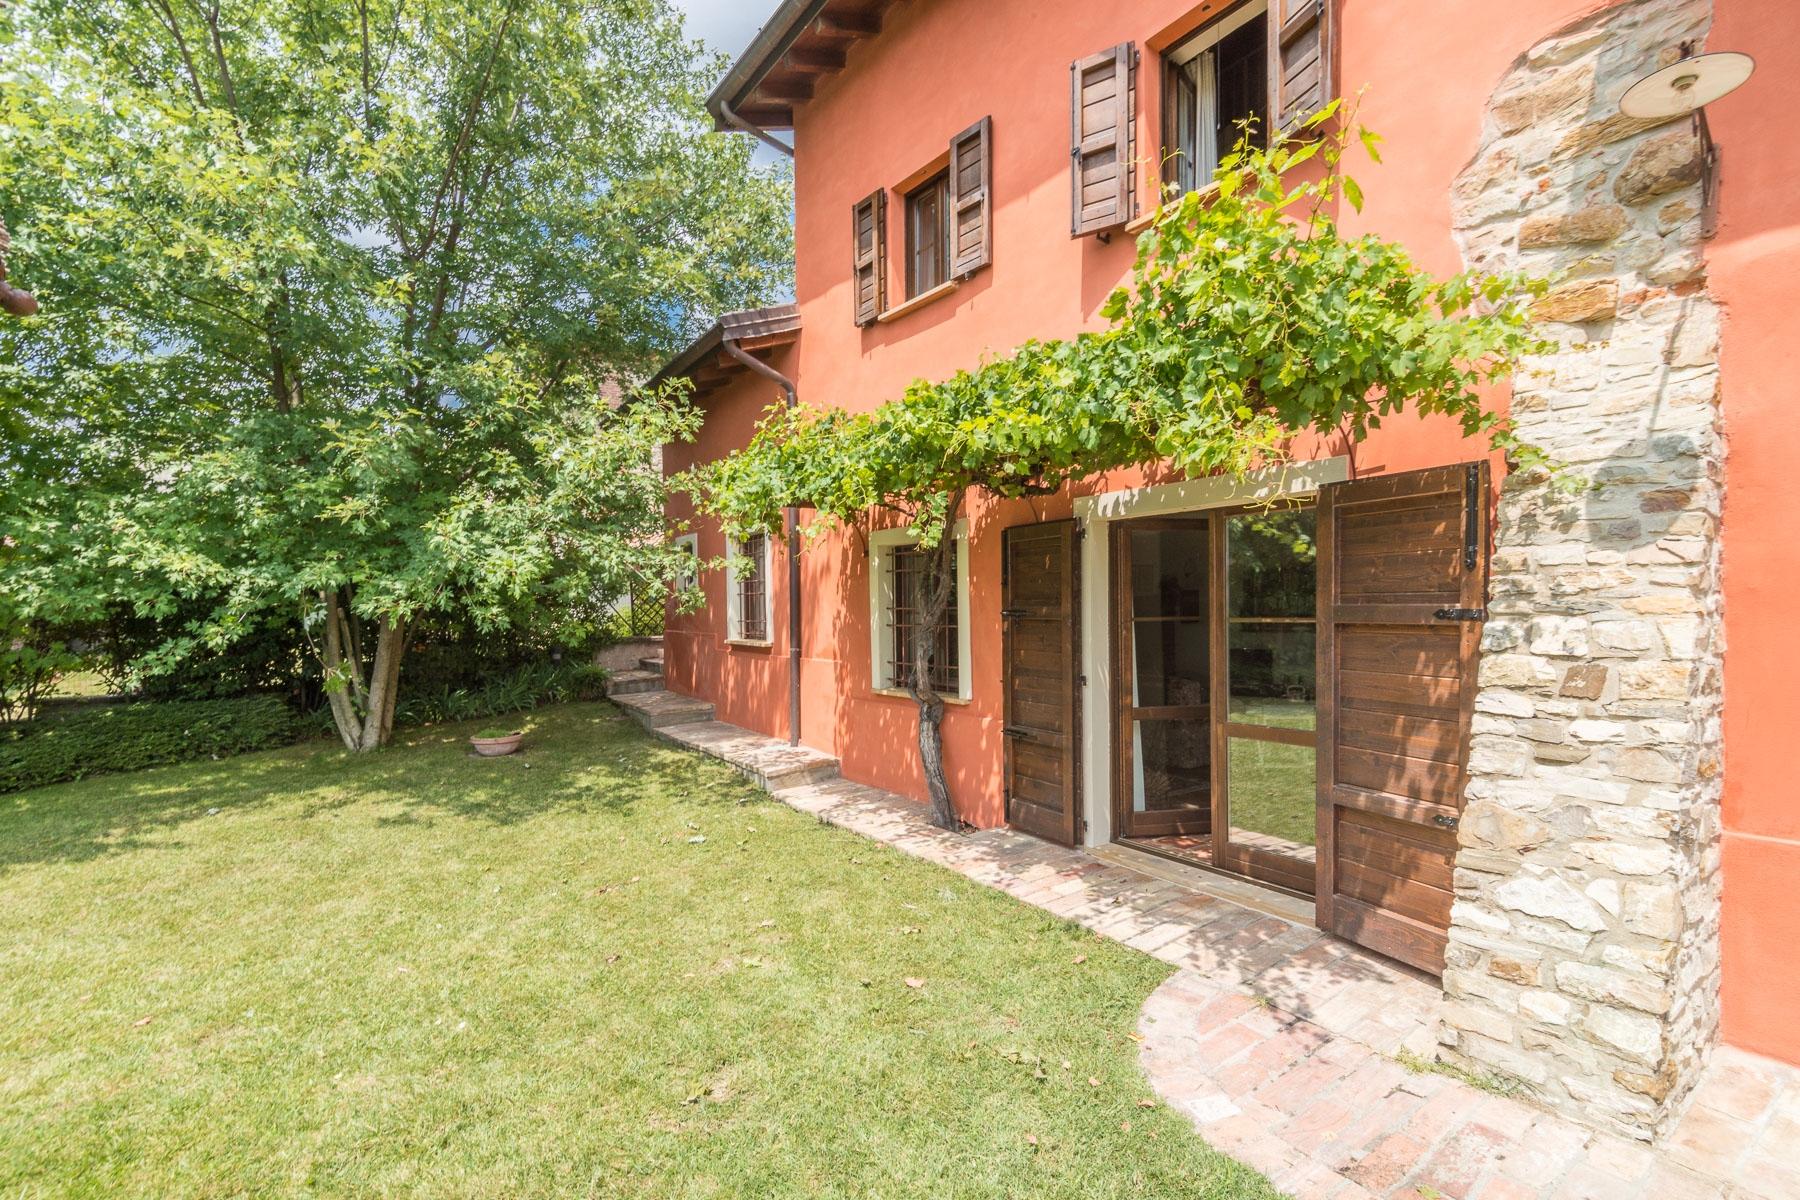 Casa indipendente in Vendita a Ziano Piacentino: 5 locali, 260 mq - Foto 4